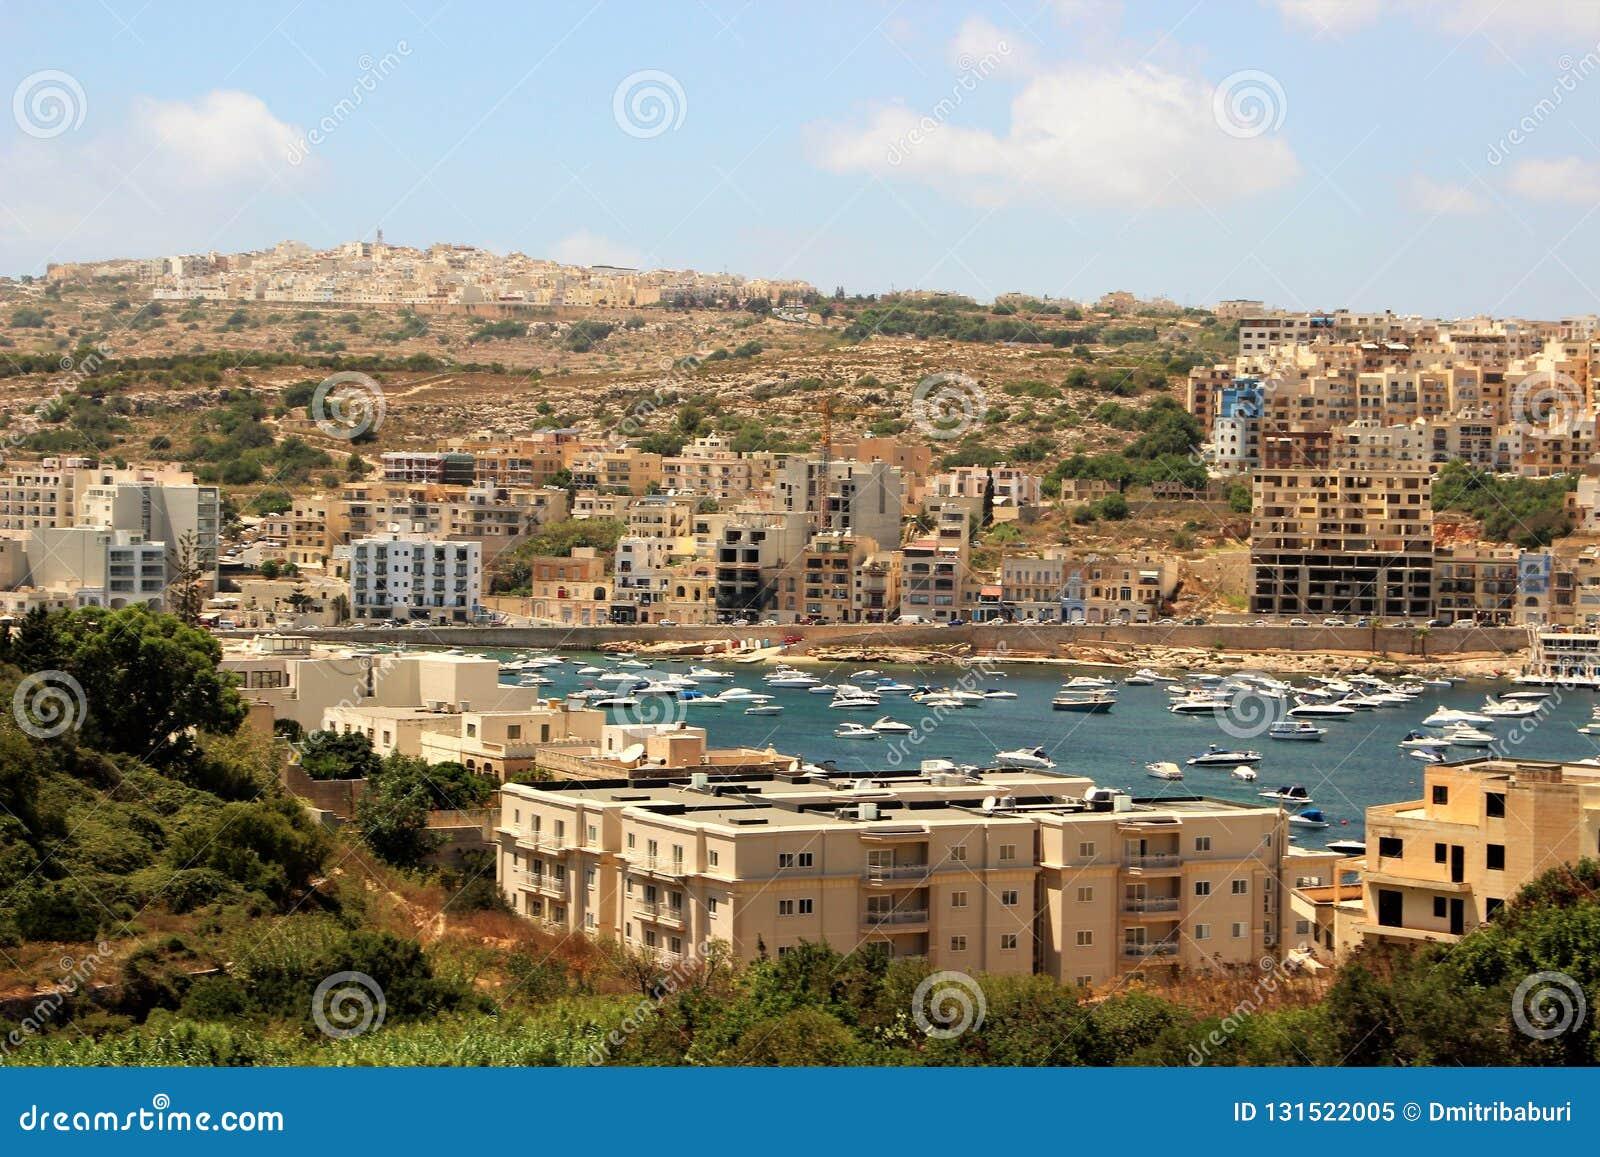 Красивый вид городка морского курорта на подсказке острова Мальты